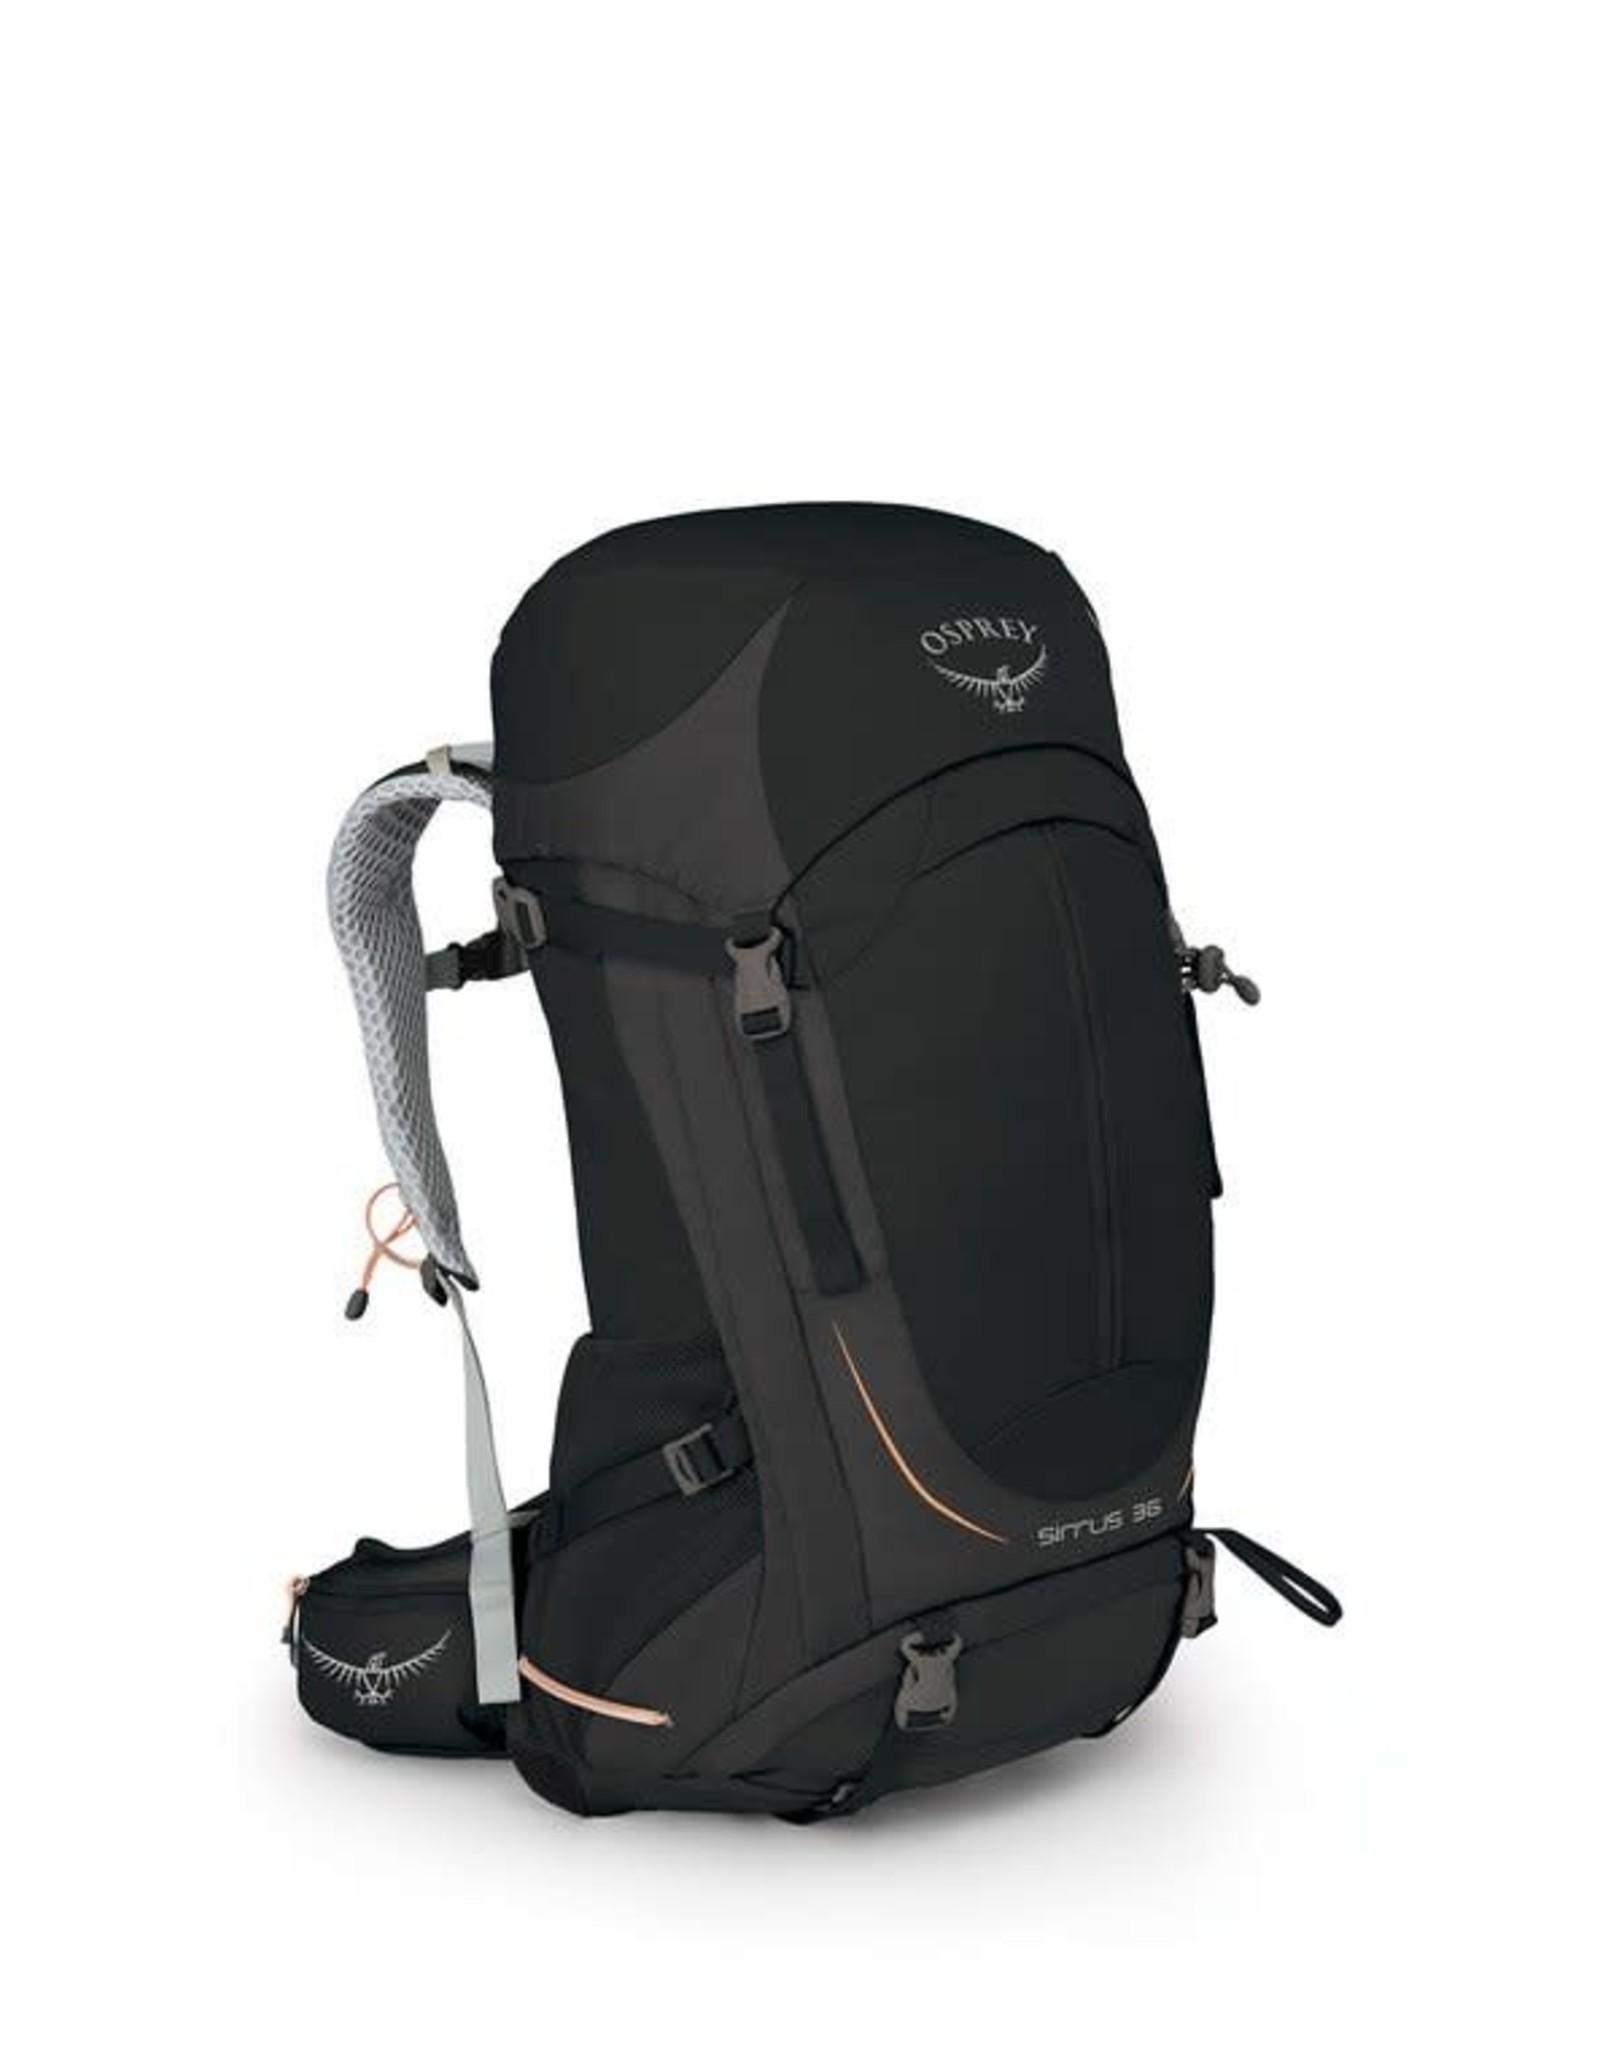 Osprey Sirrus 36 - Black